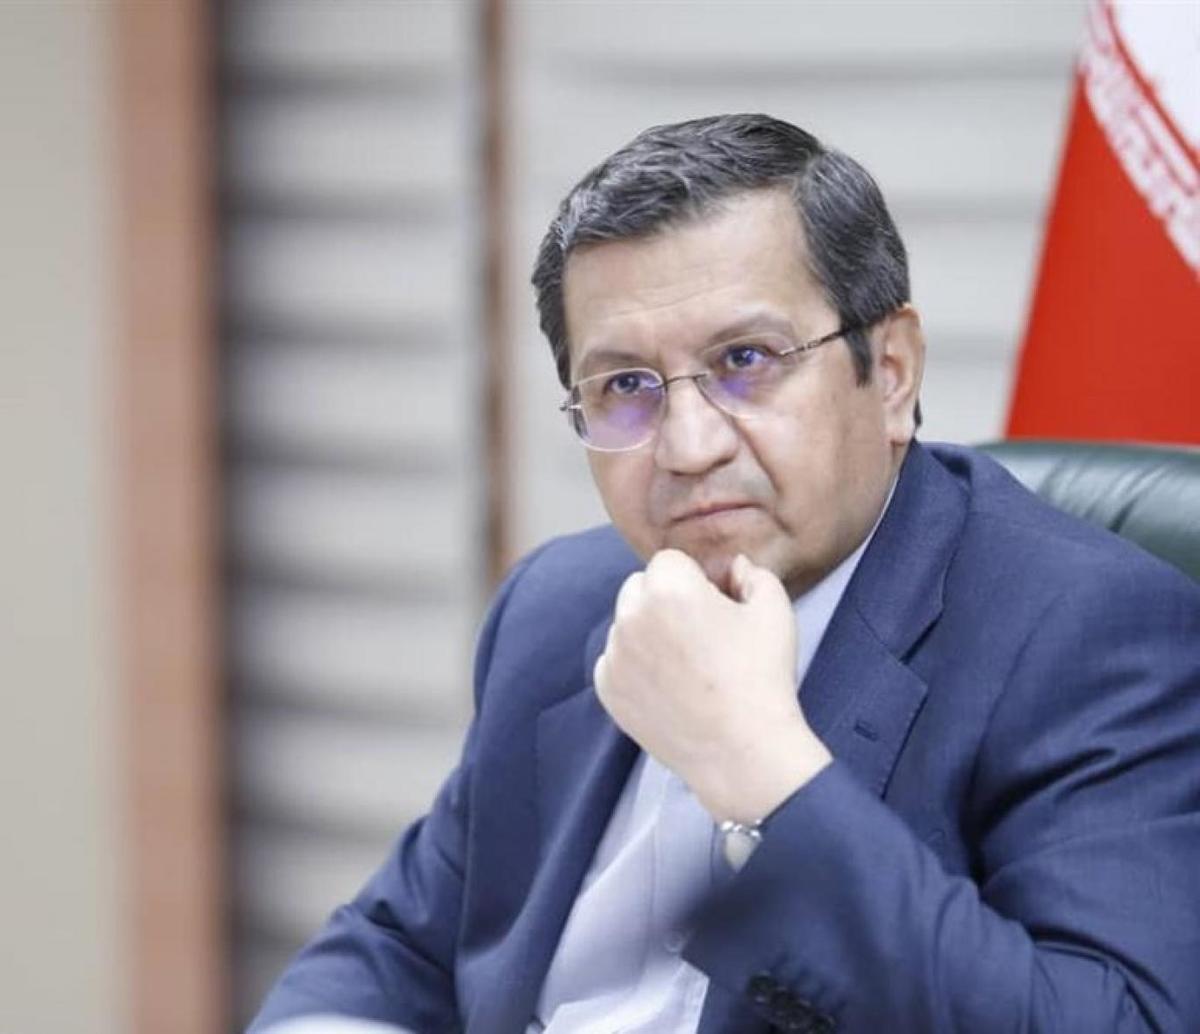 عبدالناصر همتی:  من به آقای رئیسی احترام ویژه قائلم اما ما اینجا رقیب هستیم